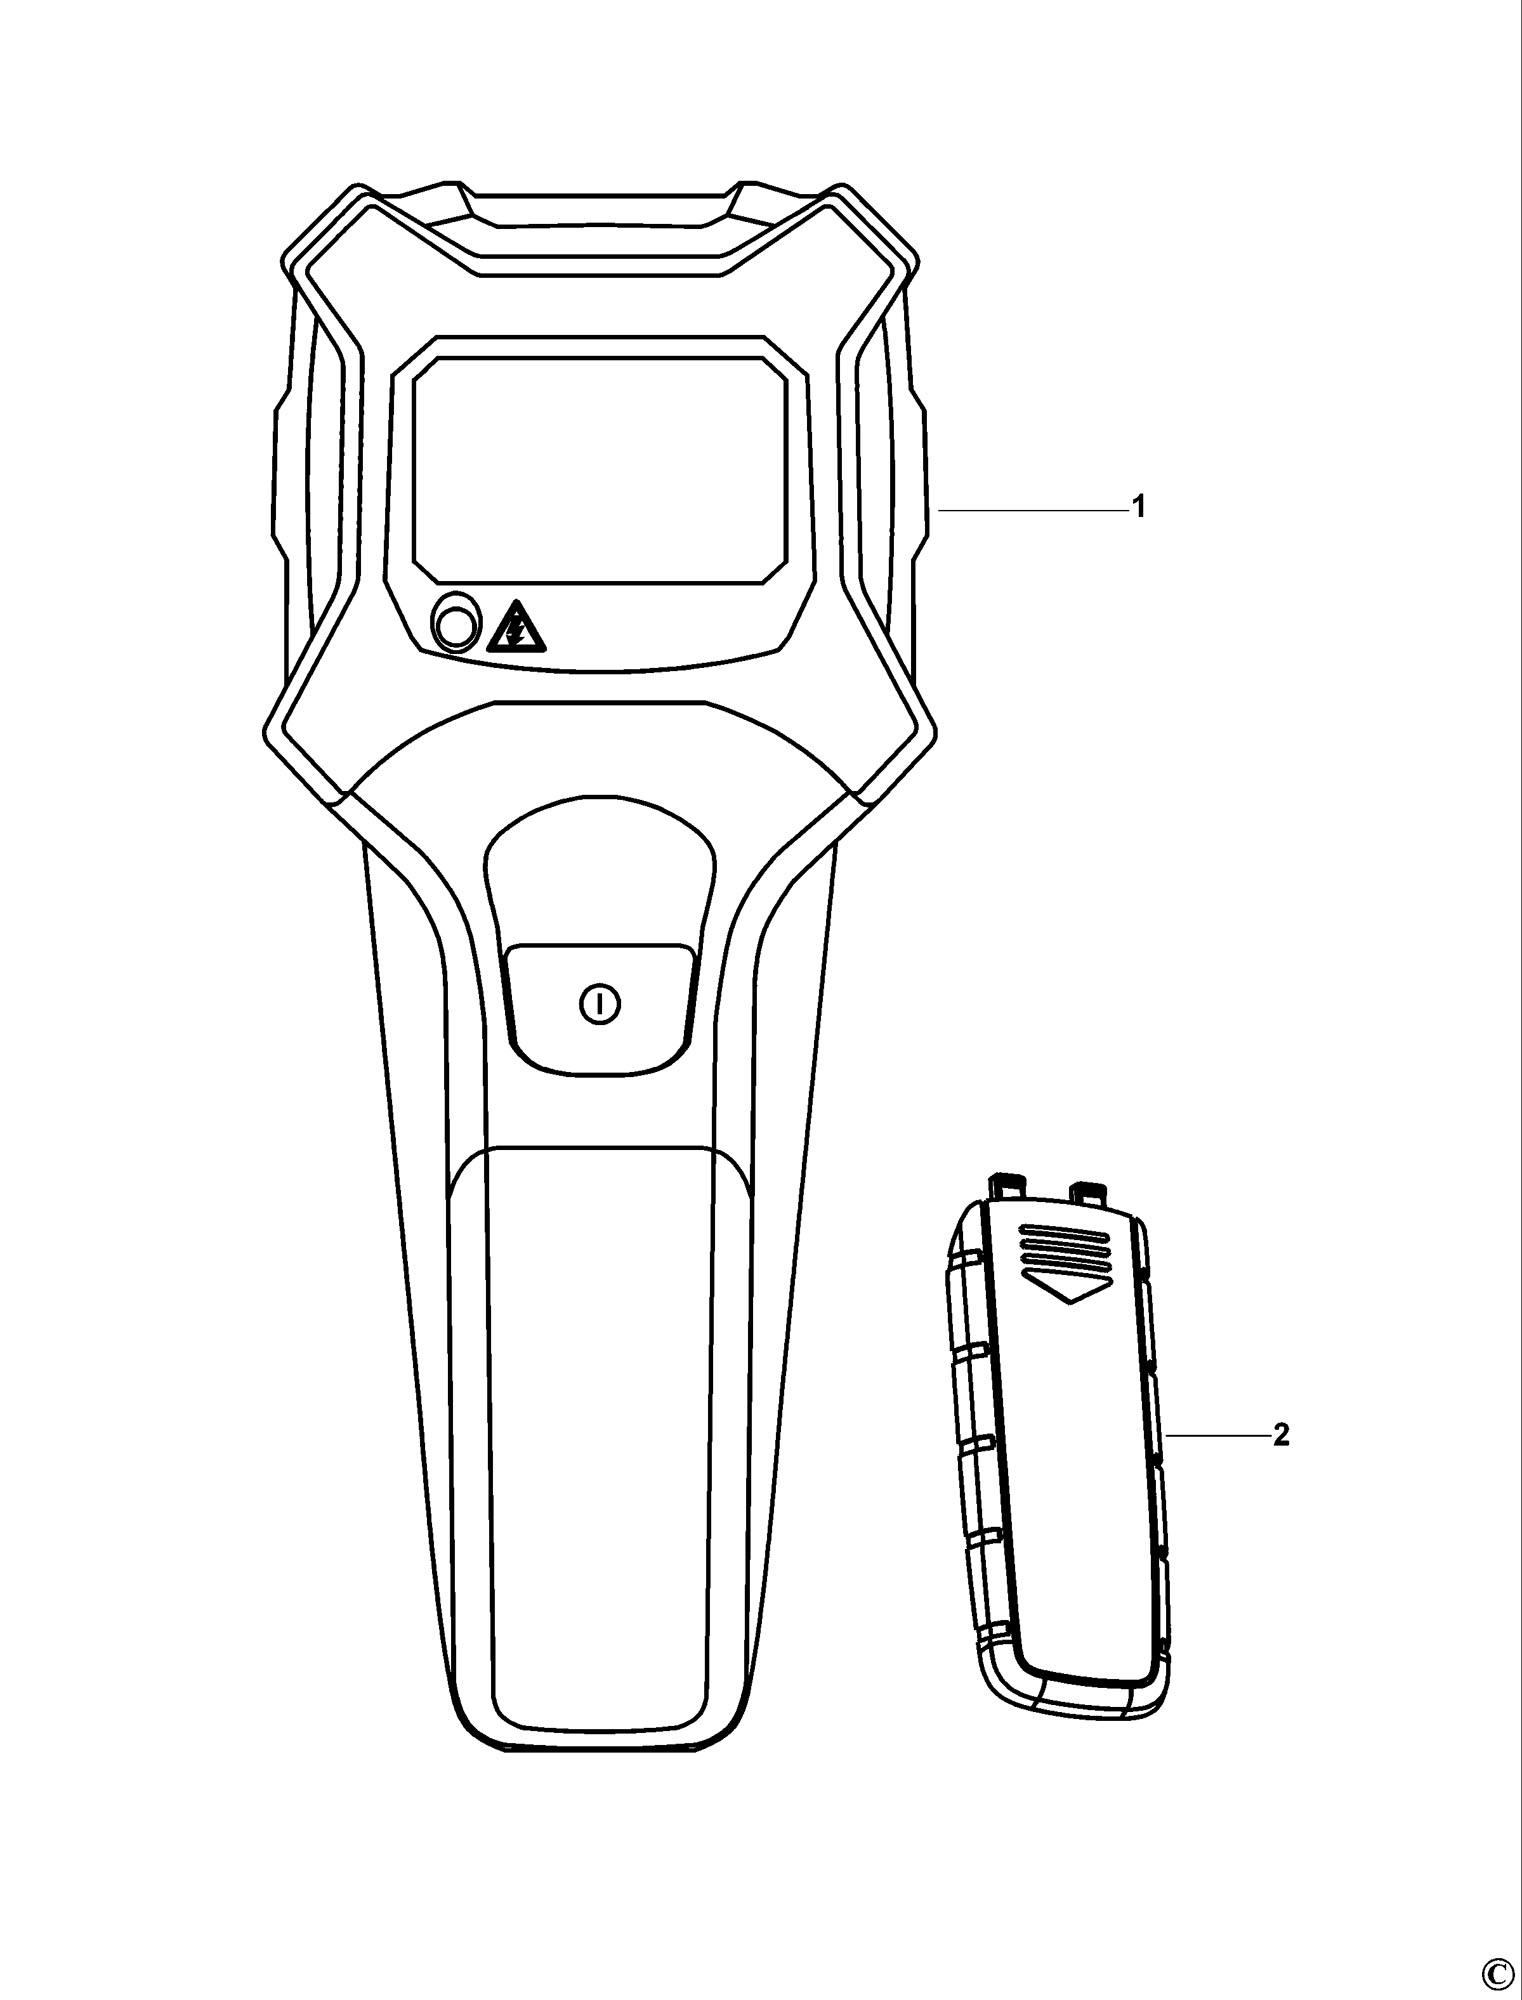 Spares For Black Amp Decker Bds202 Sensor Type 1 Spare